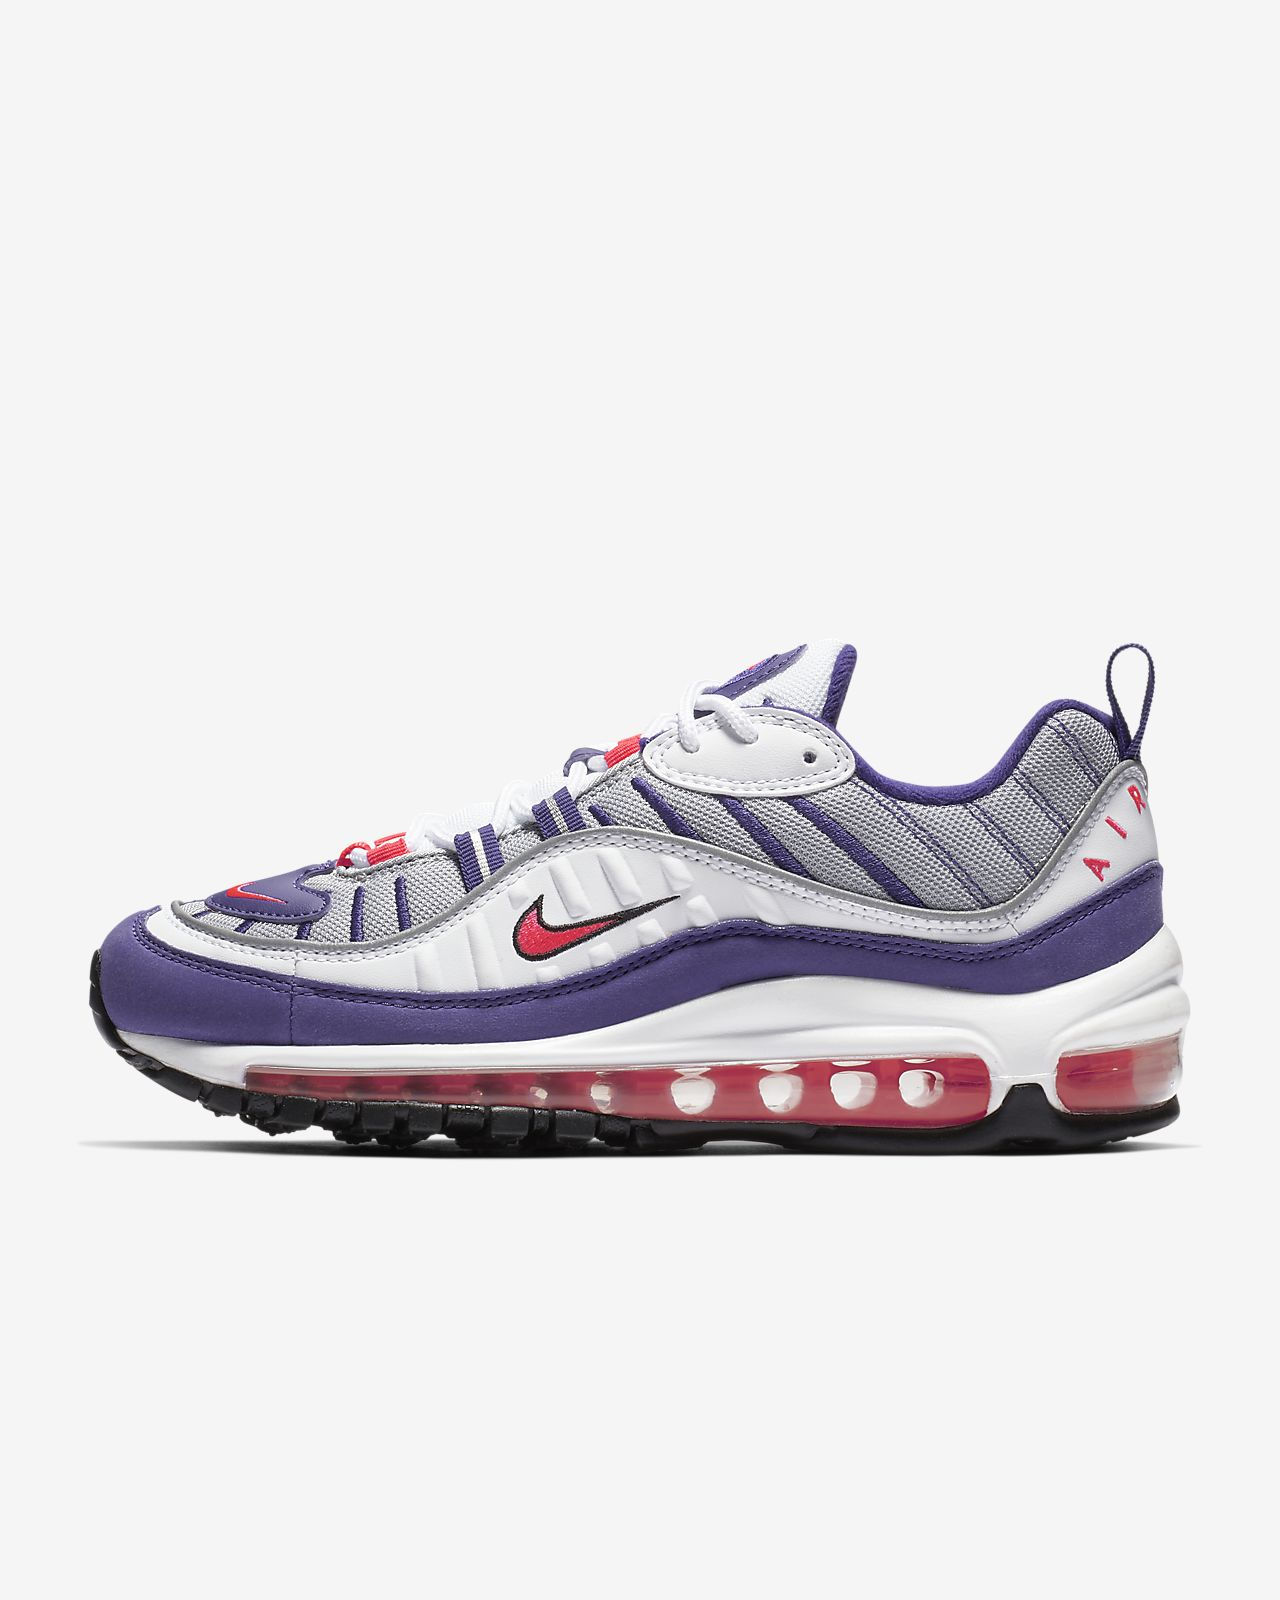 Max Mx Calzado Air Nike Para Mujer 98 xwwA1v7q